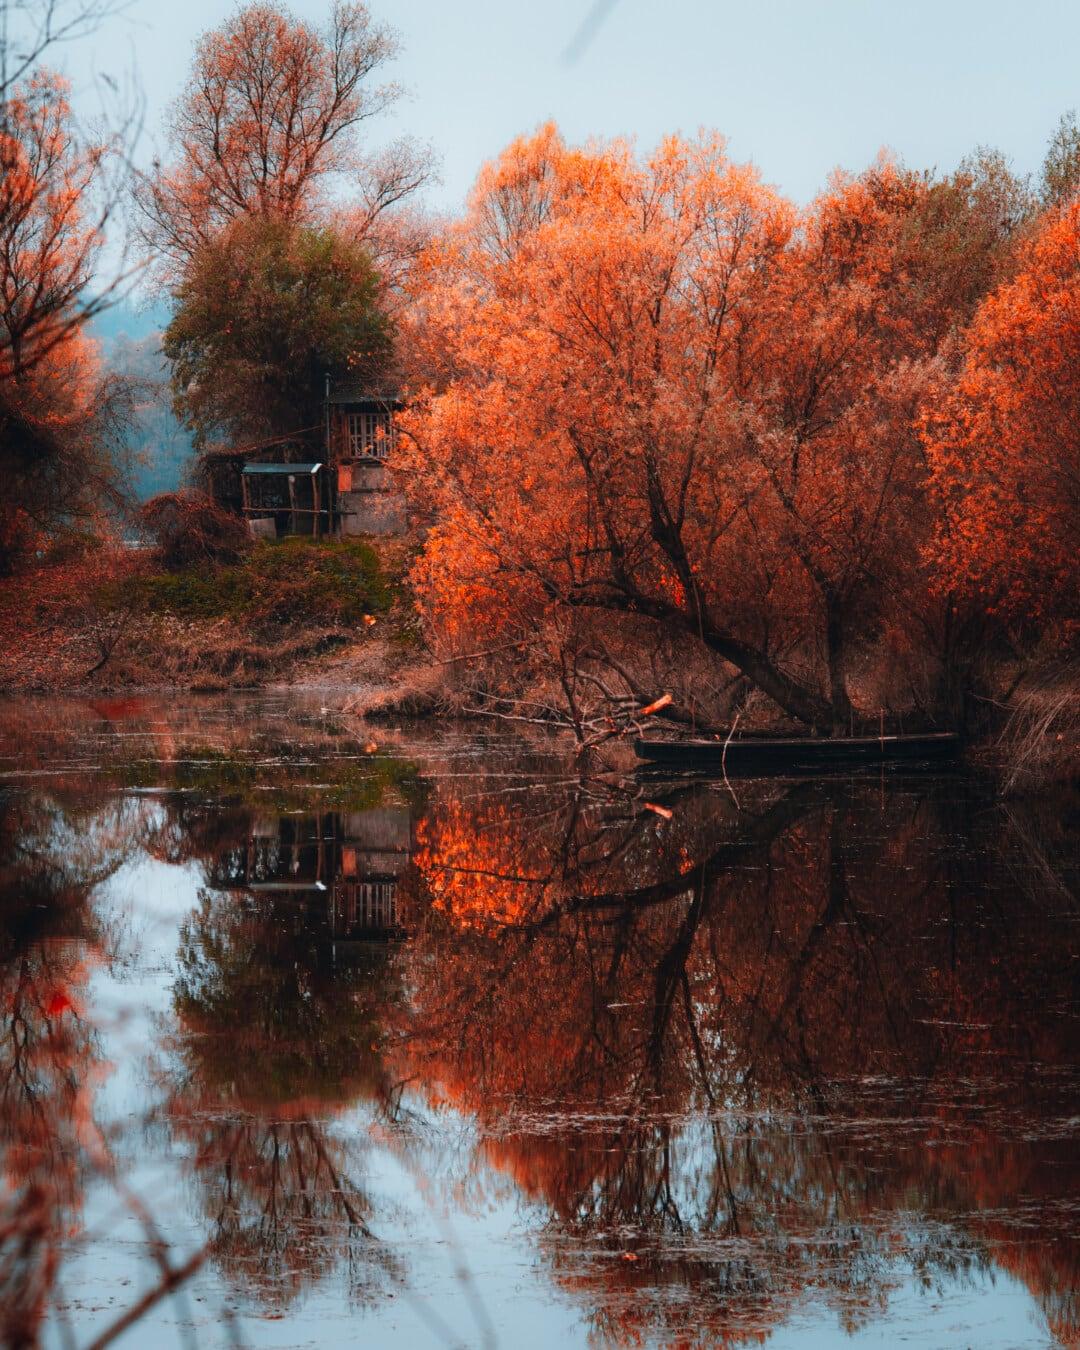 saison de l'automne, Lac, côte, arbres, rural, matin, jaune orangé, couleurs, automne, arbre